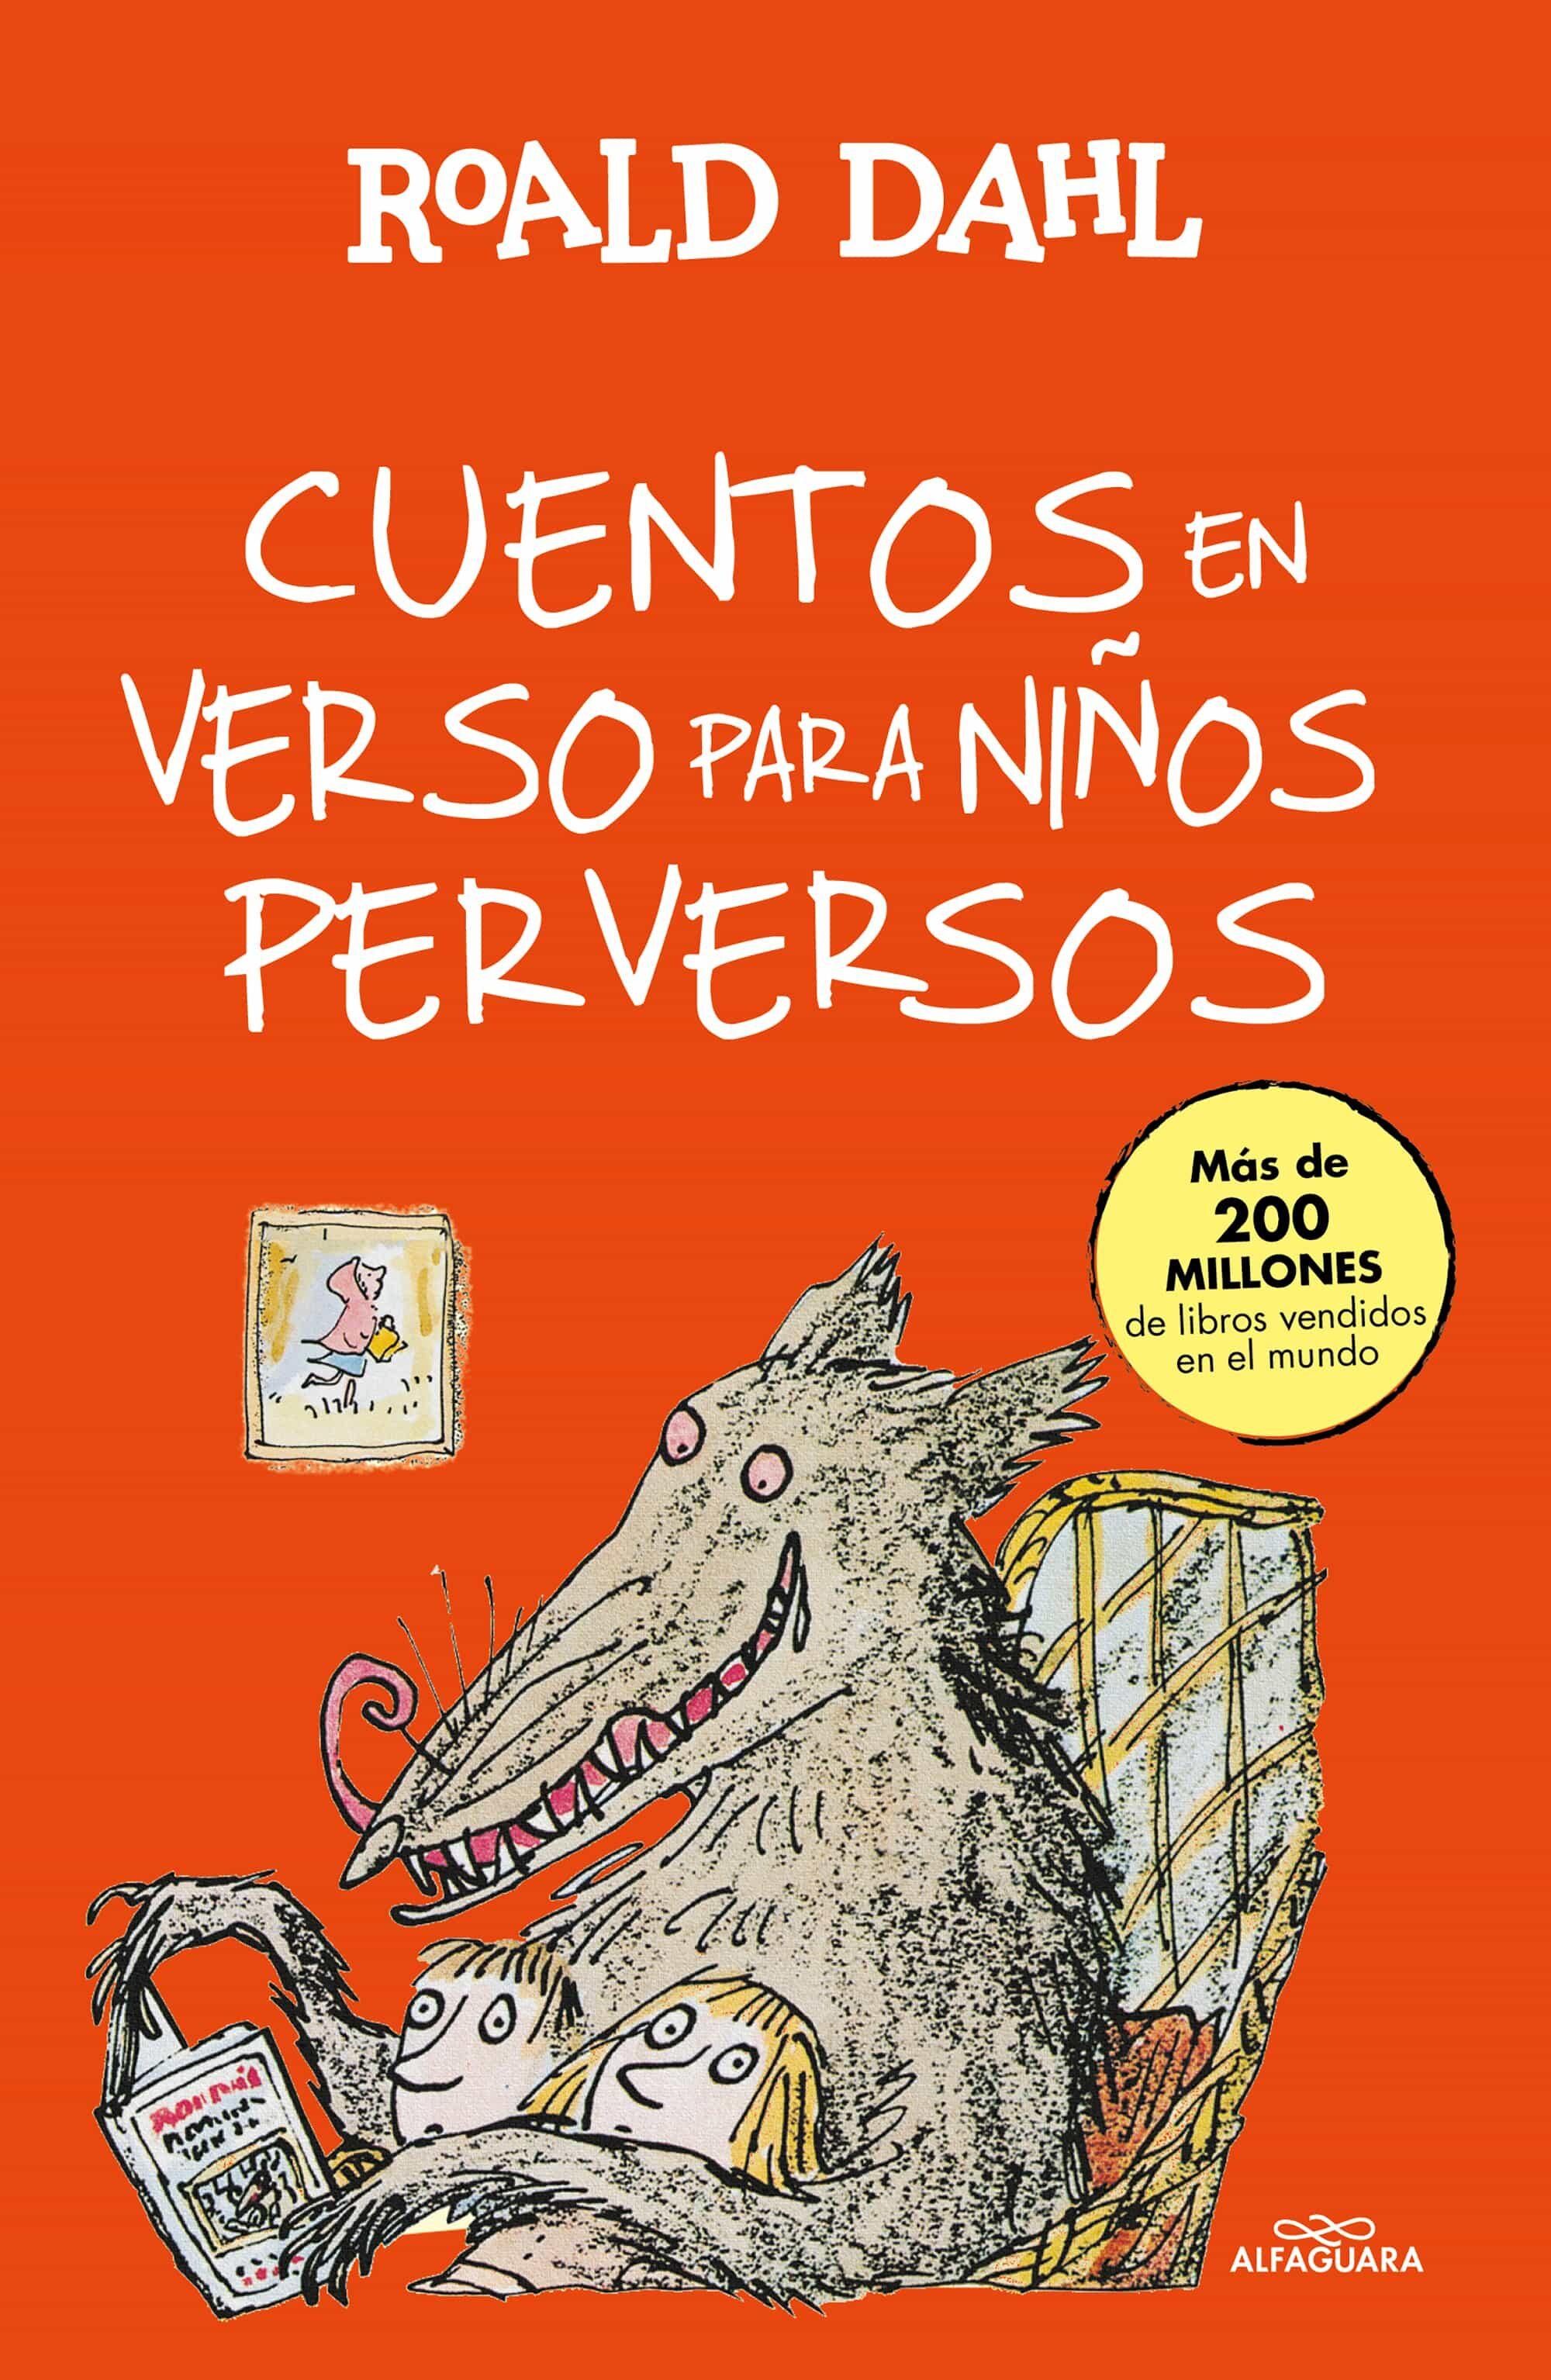 Cuentos En Verso Para Niños Perversos por Roald Dahl